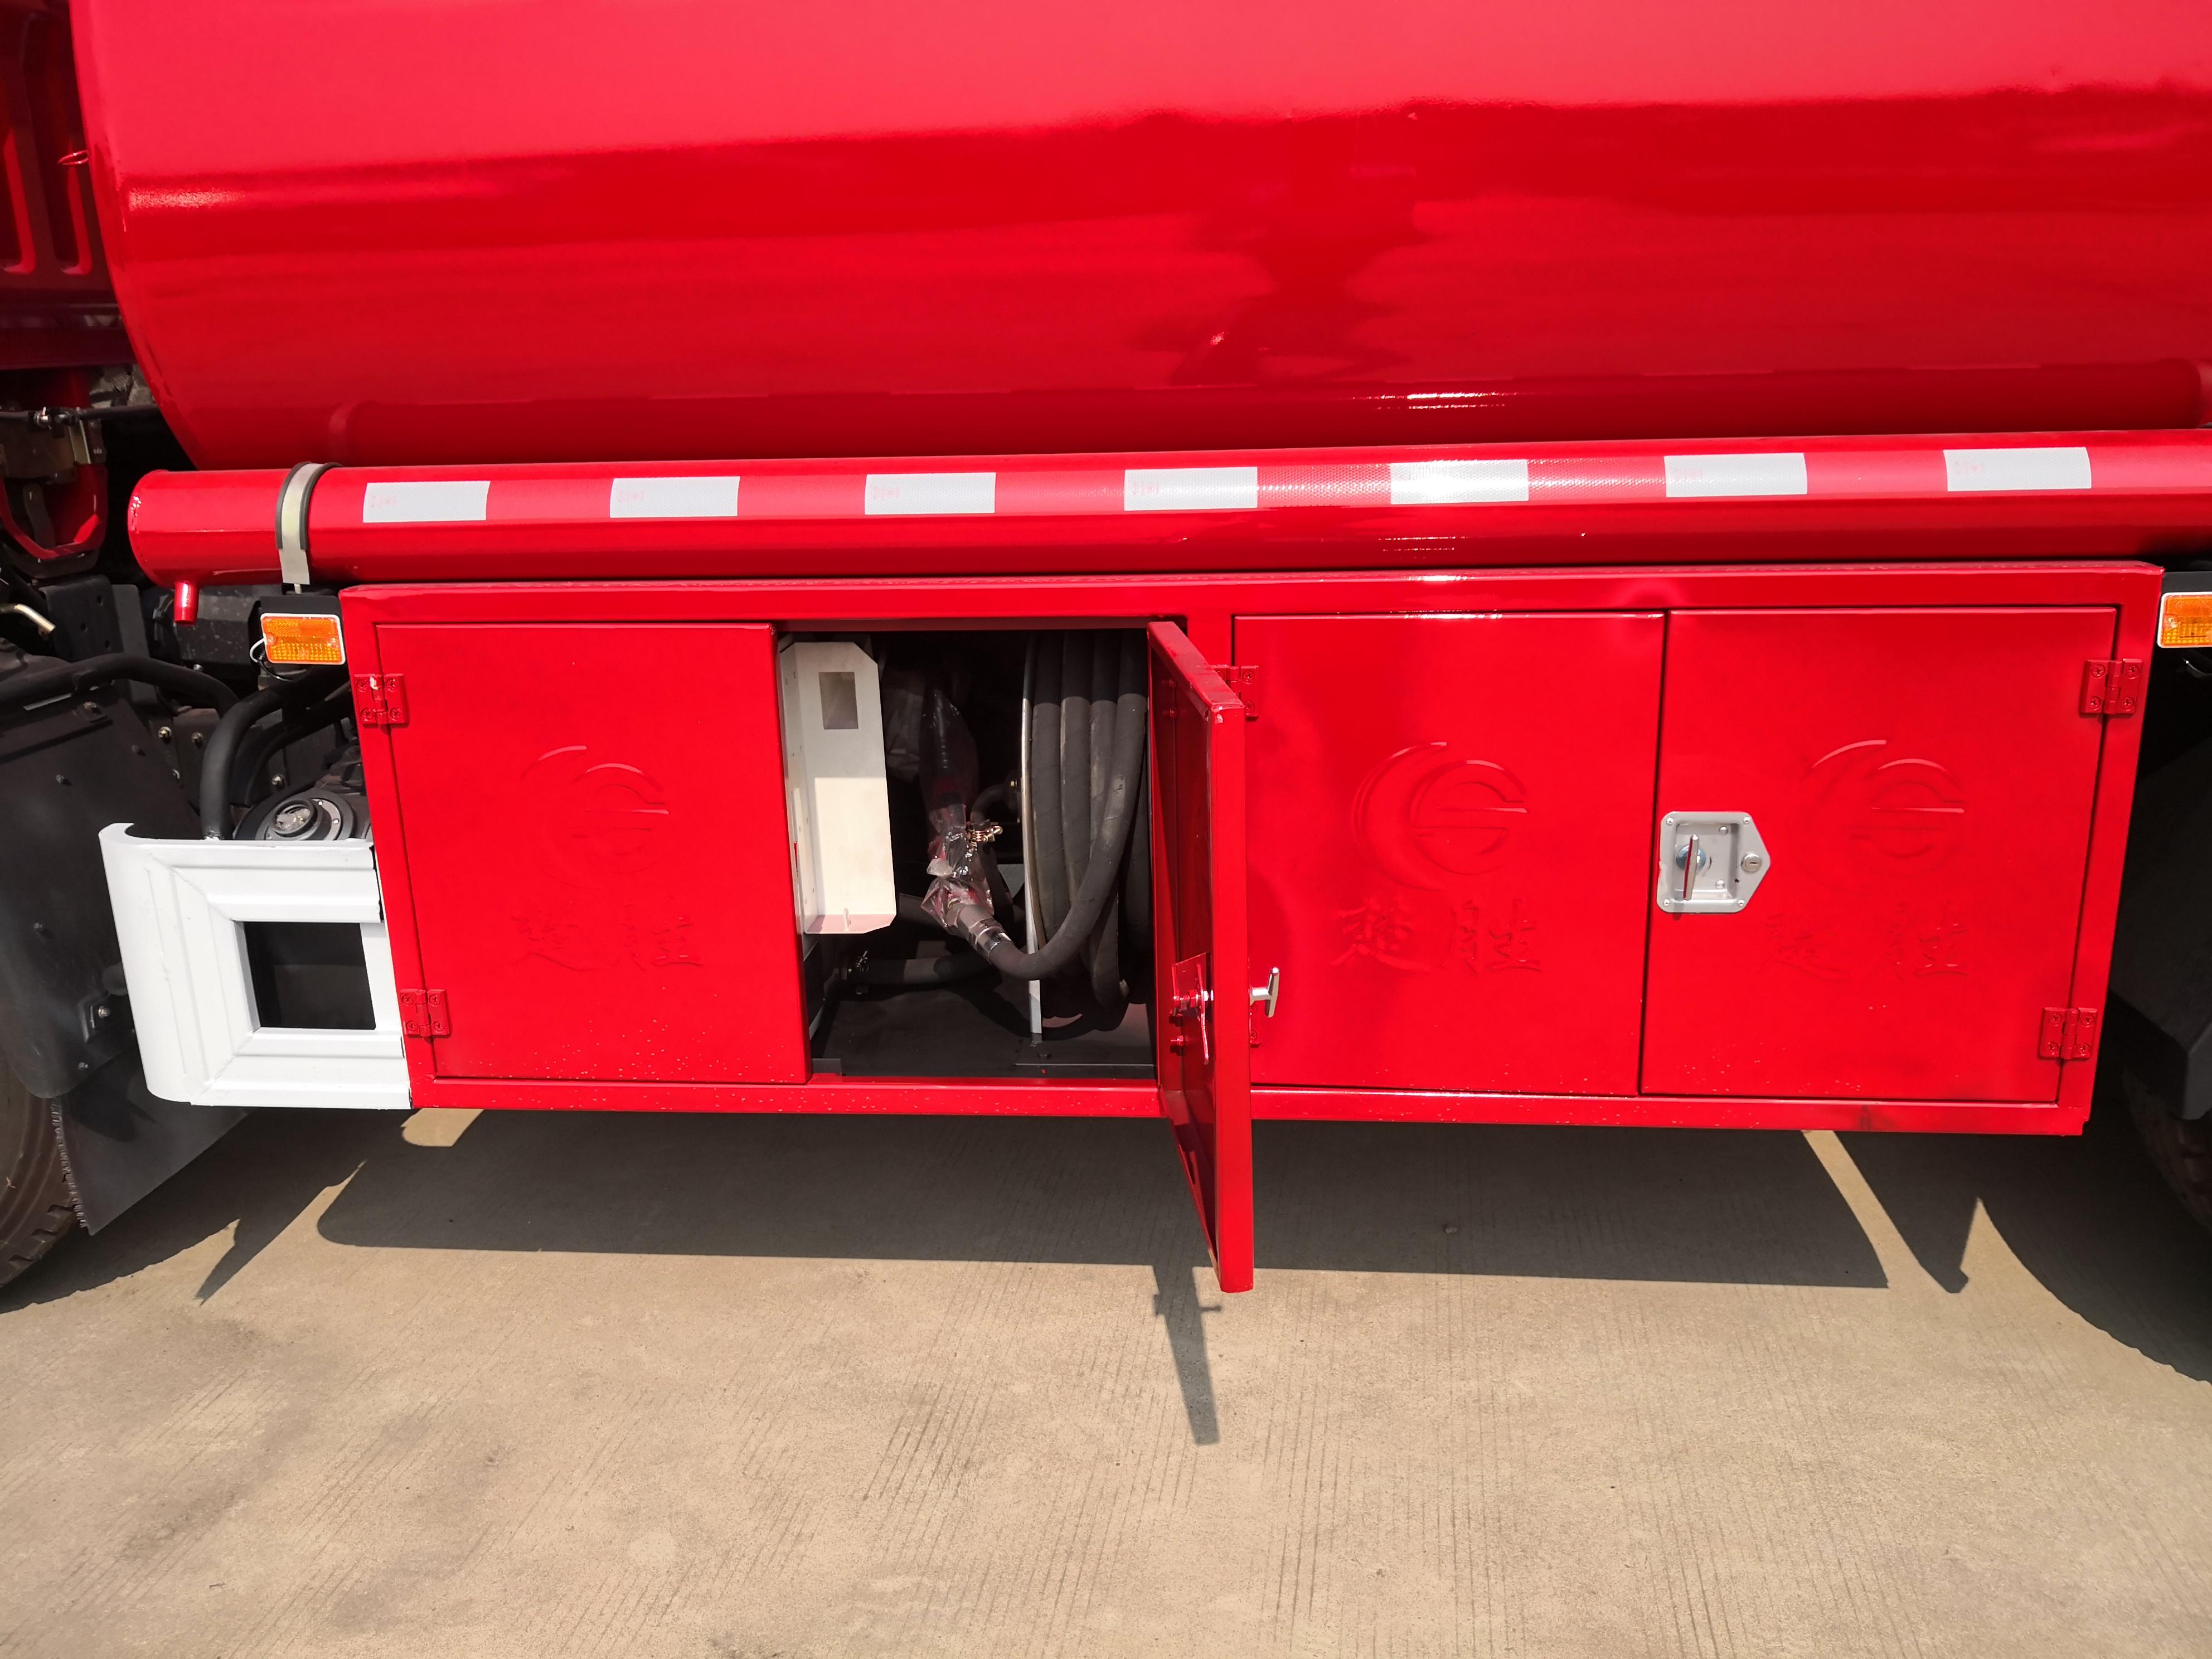 消防8吨加油车 消防队汽柴油加油车图片